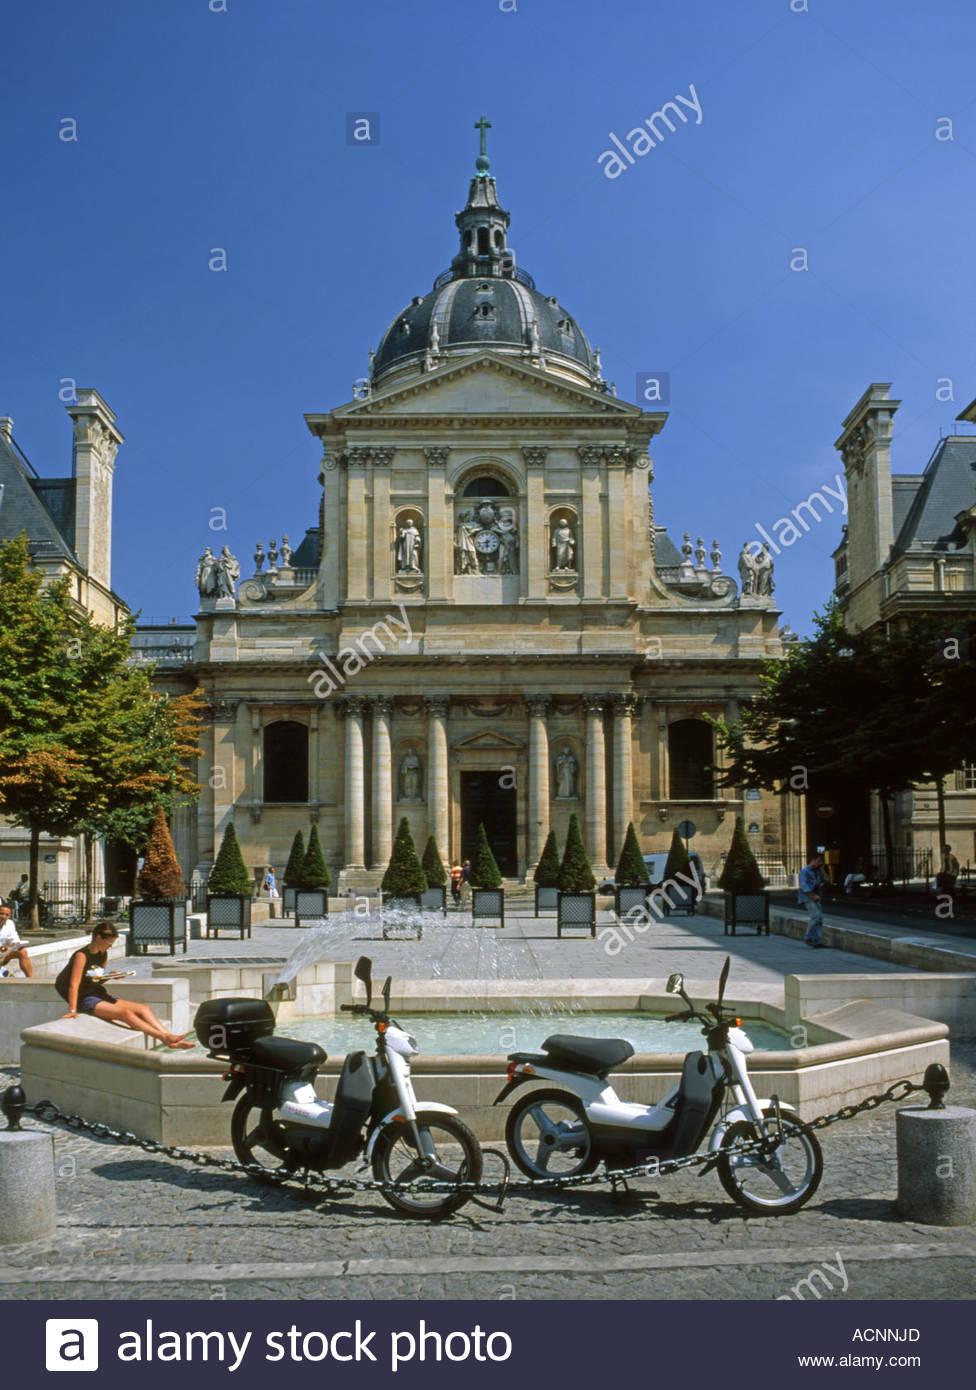 file la sorbonne hall ceiling. File La Sorbonne Hall Ceiling. University In Place De Sorbonne. Two Scooters Ceiling H